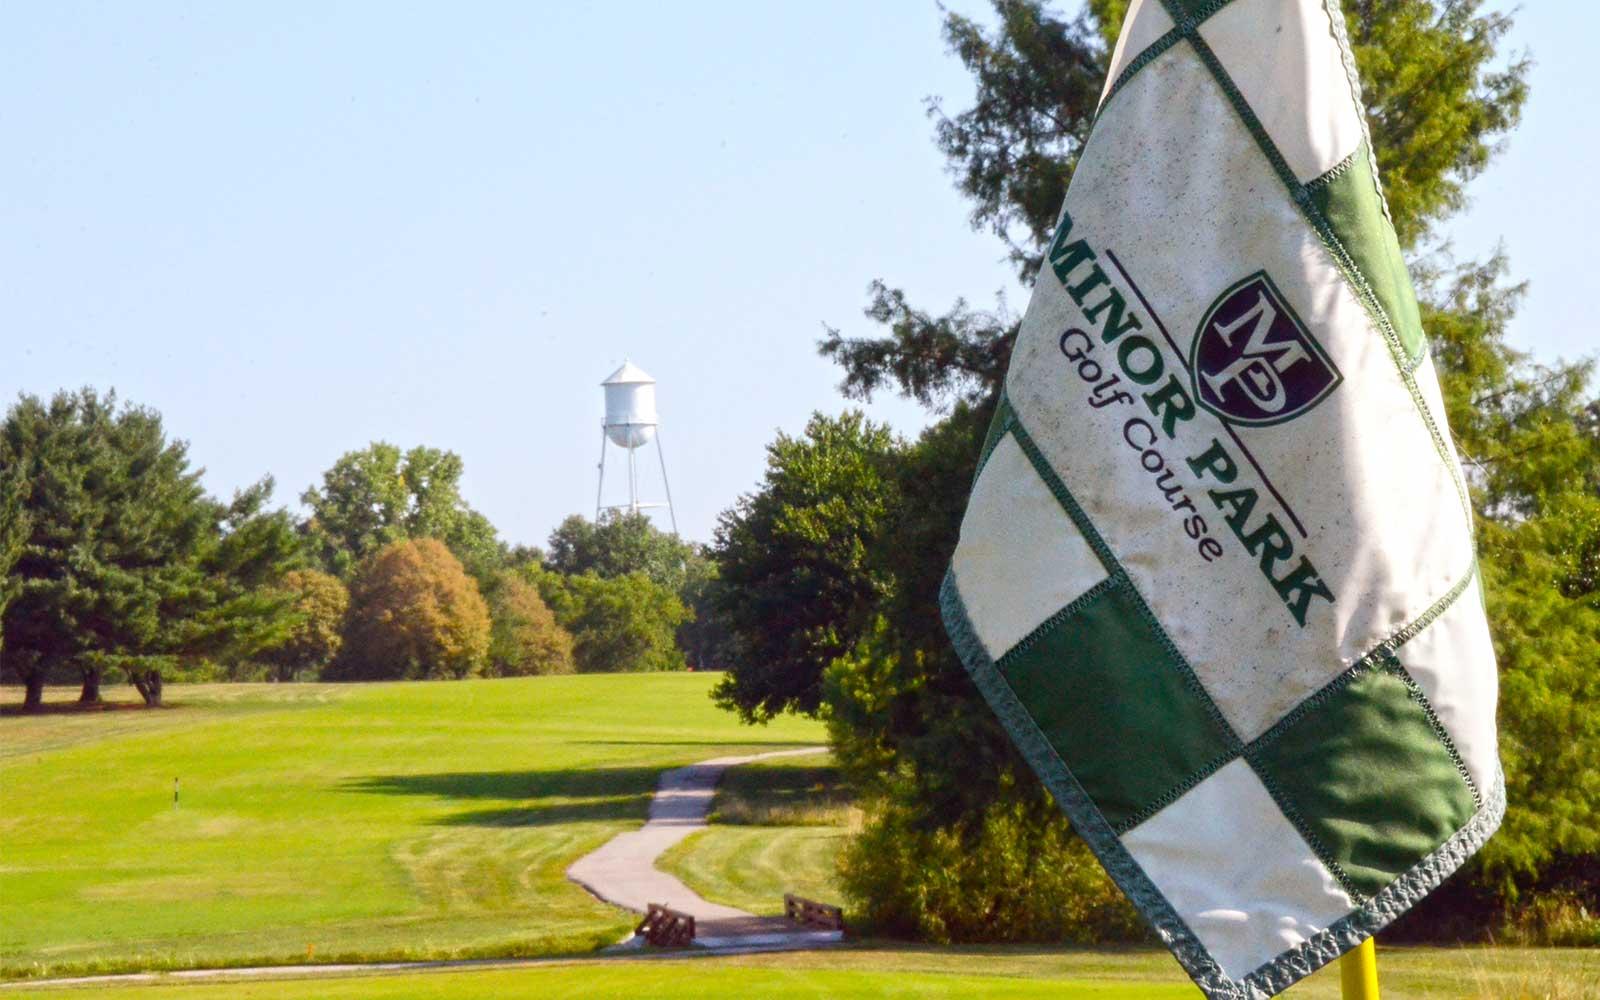 Minor-Park-Golf-Course,-Kansas-City,-MO-Flag